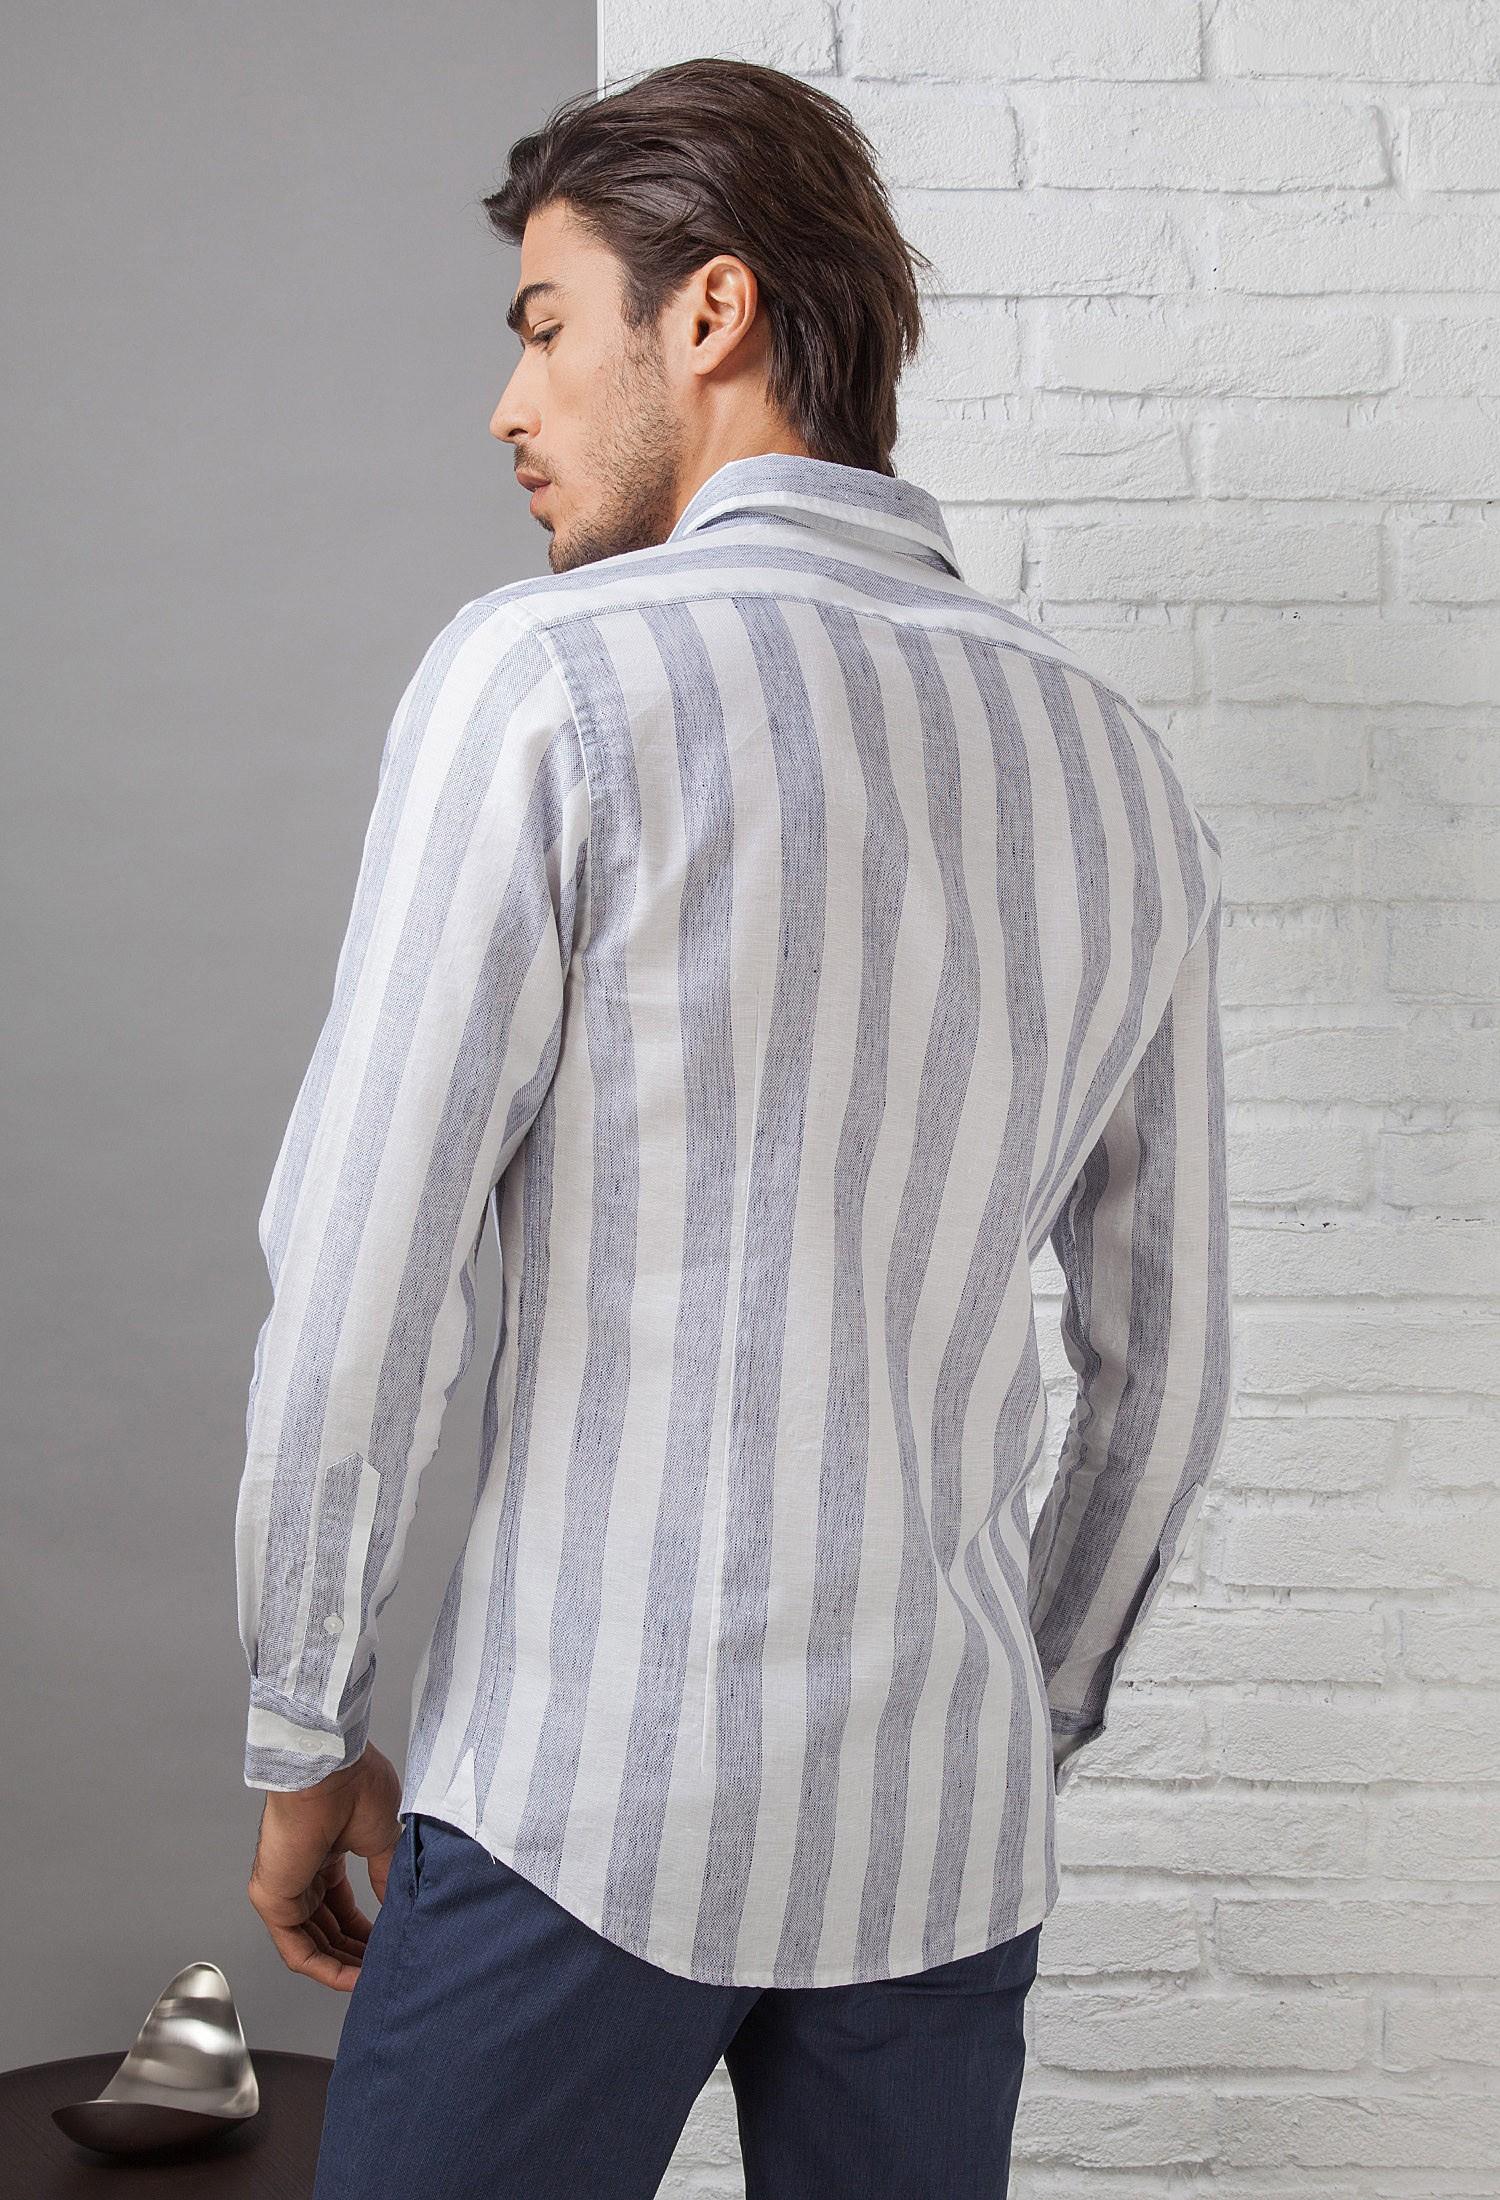 nuovo prodotto 8c54a f1503 Camicia Uomo in Lino C650_CW Fradi - Bianco - Blue Riga Larga